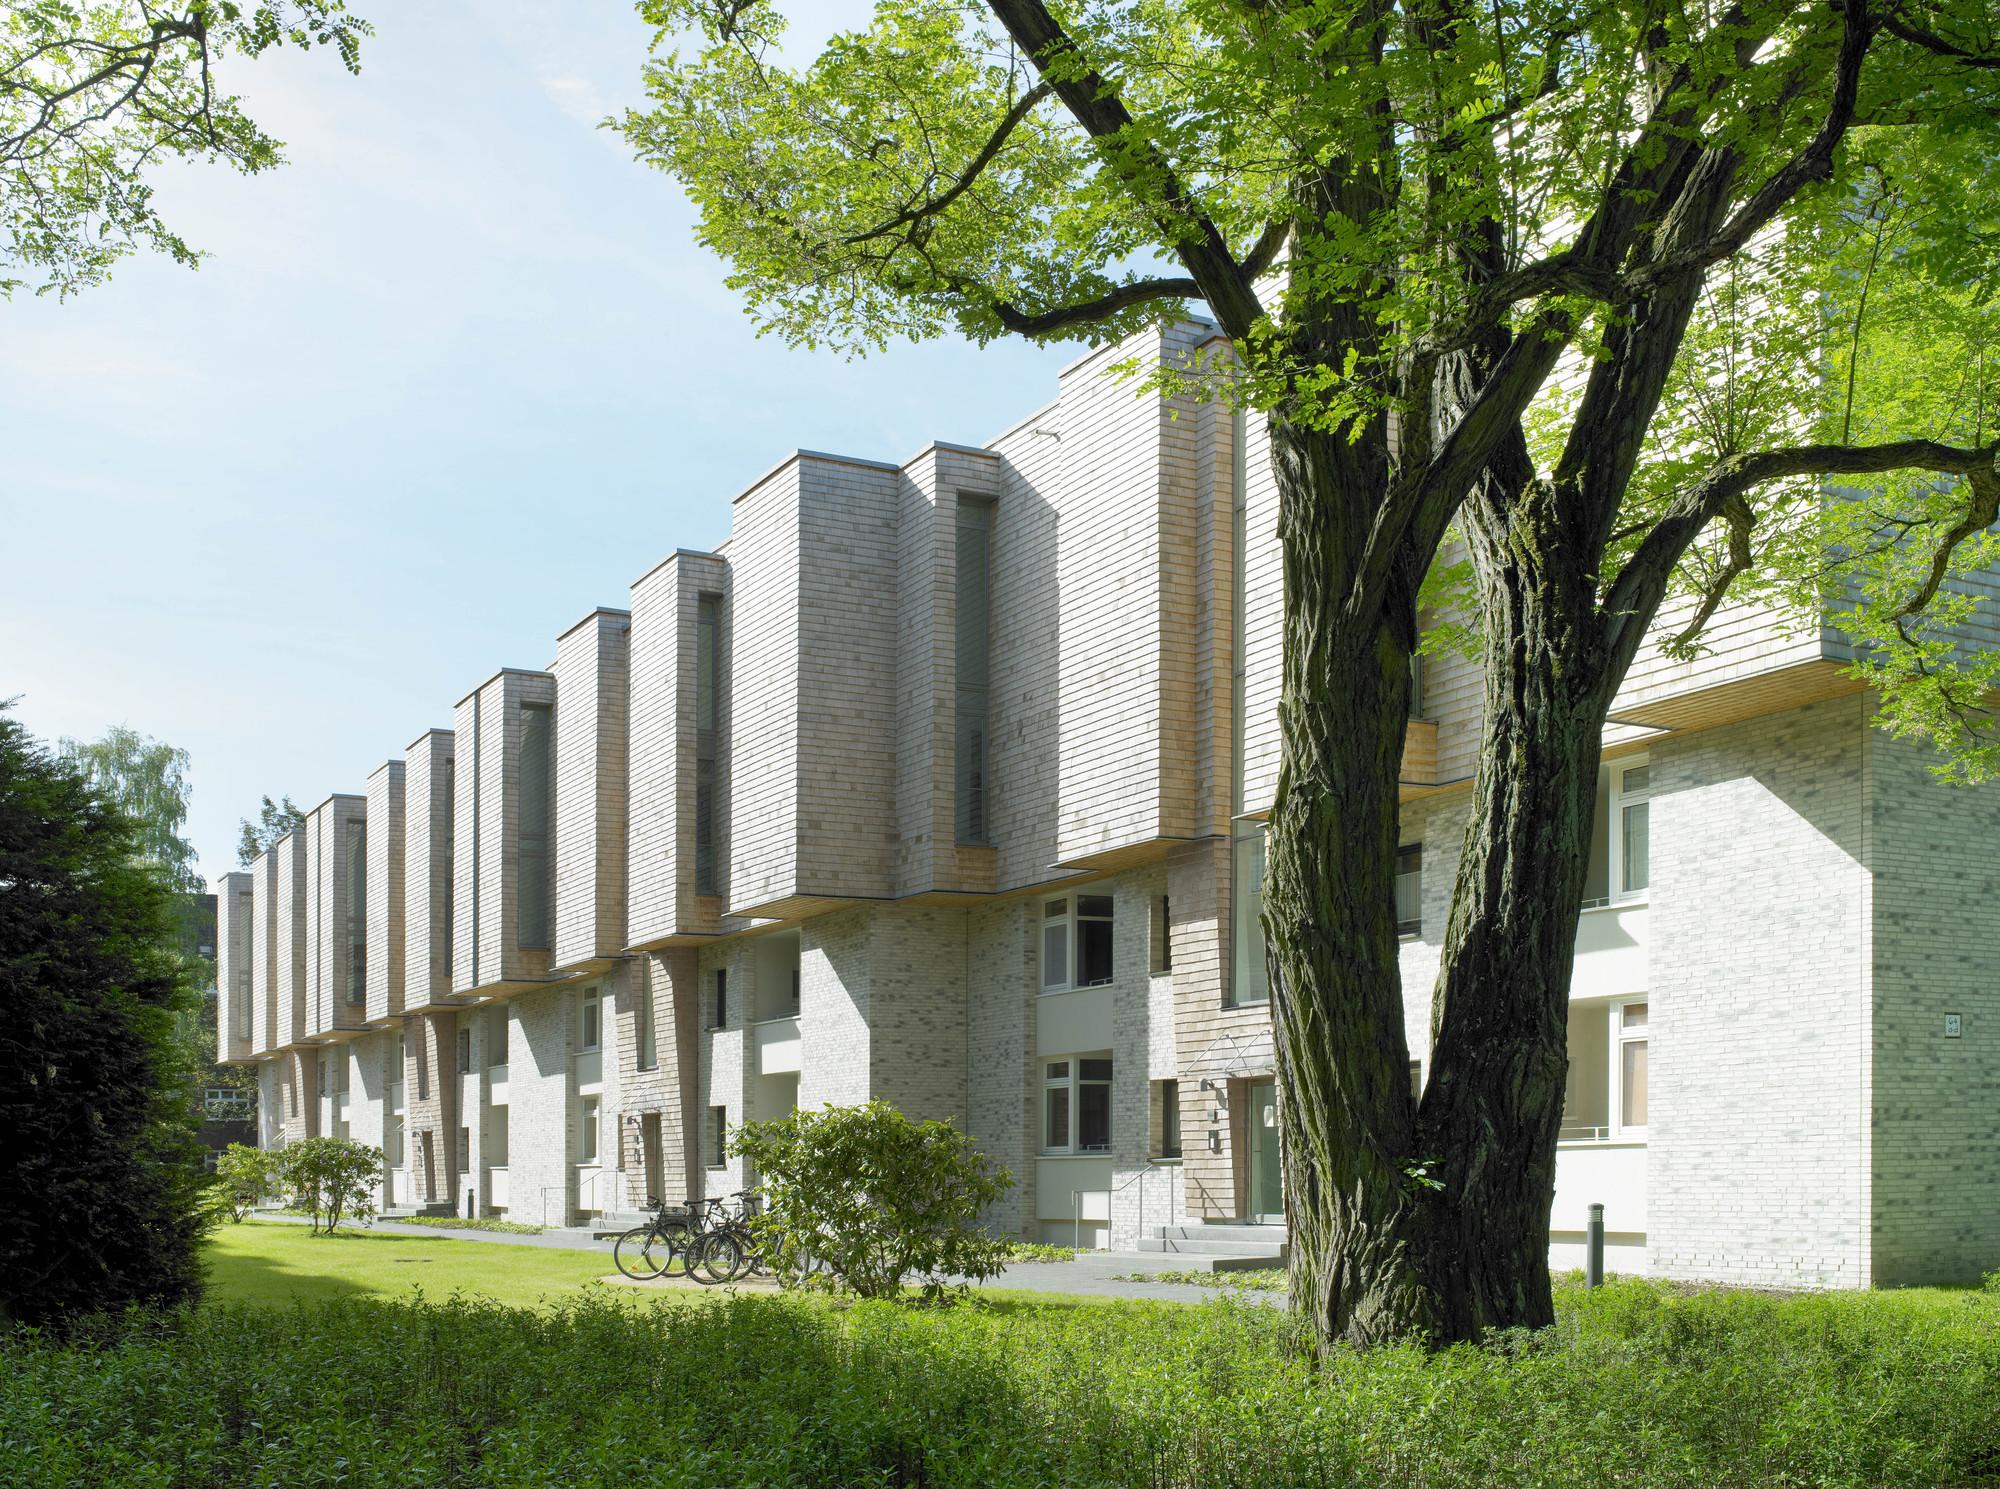 Treehouses Bebelallee / blauraum